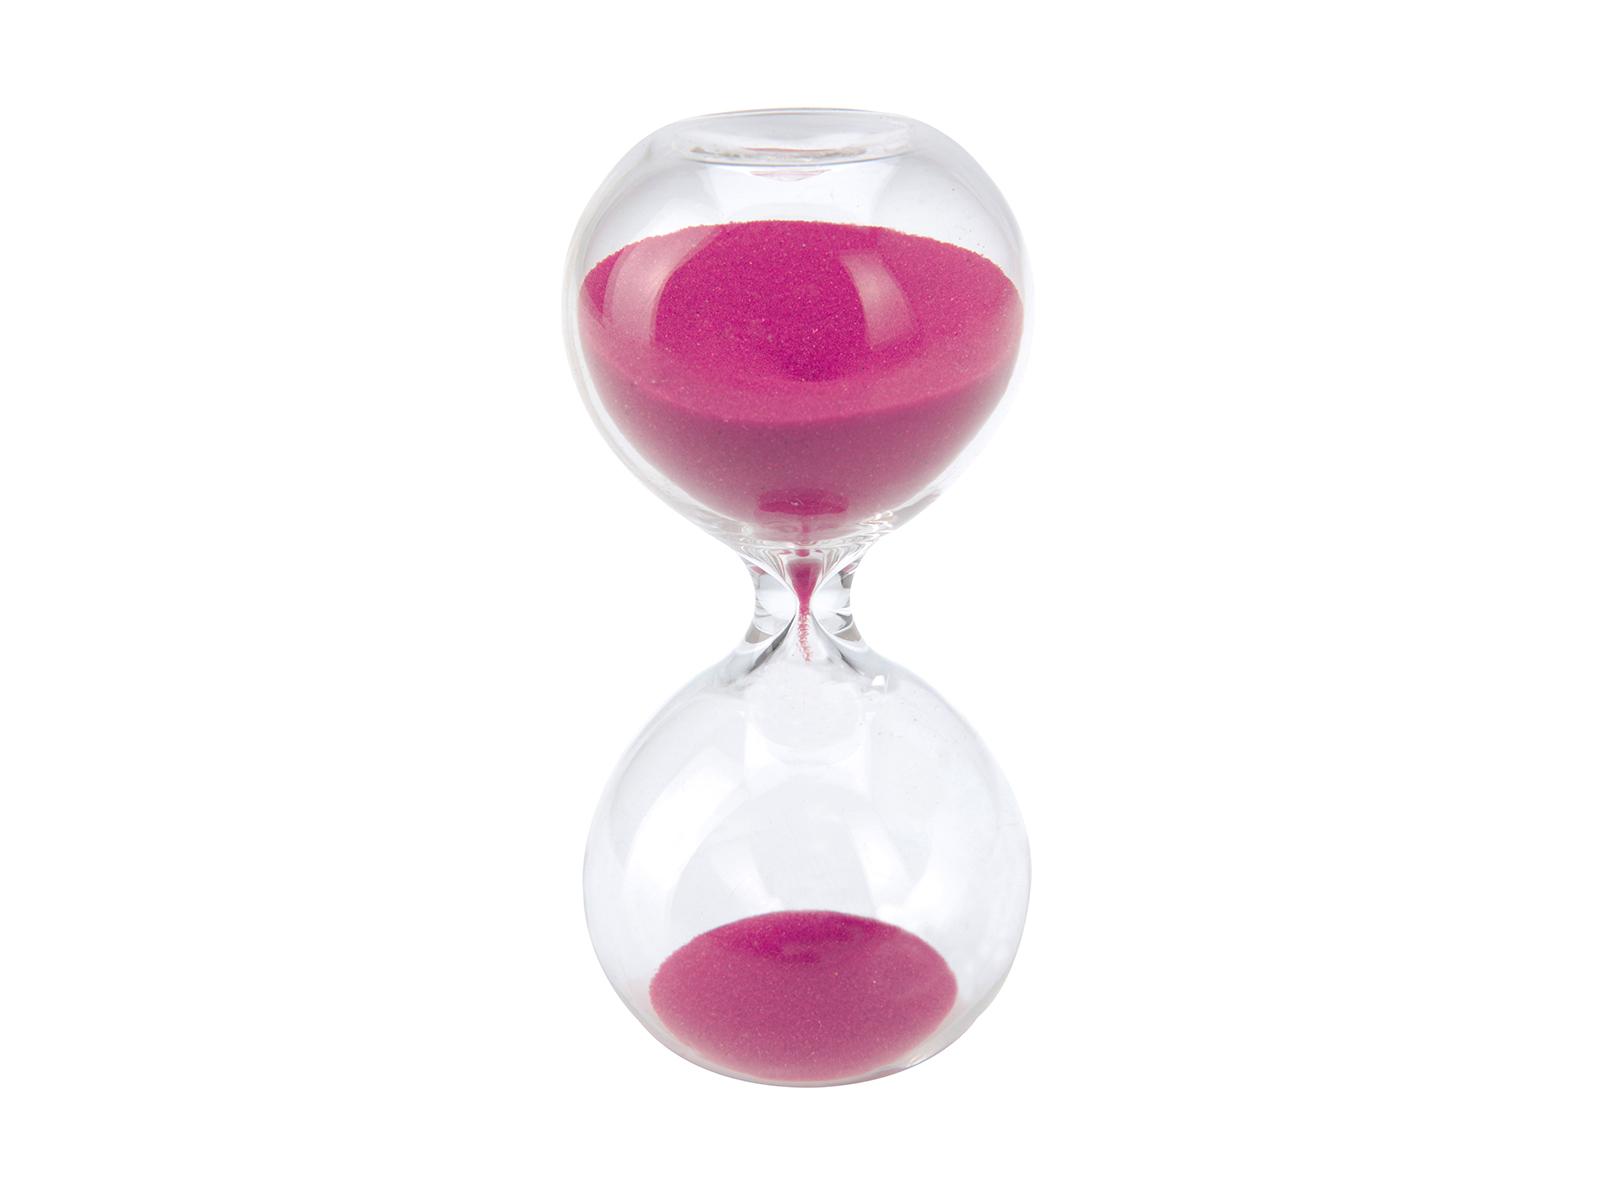 Часы ColorЧасы<br>Часы настольные песочные. Отсчитывают 8 минут.<br>